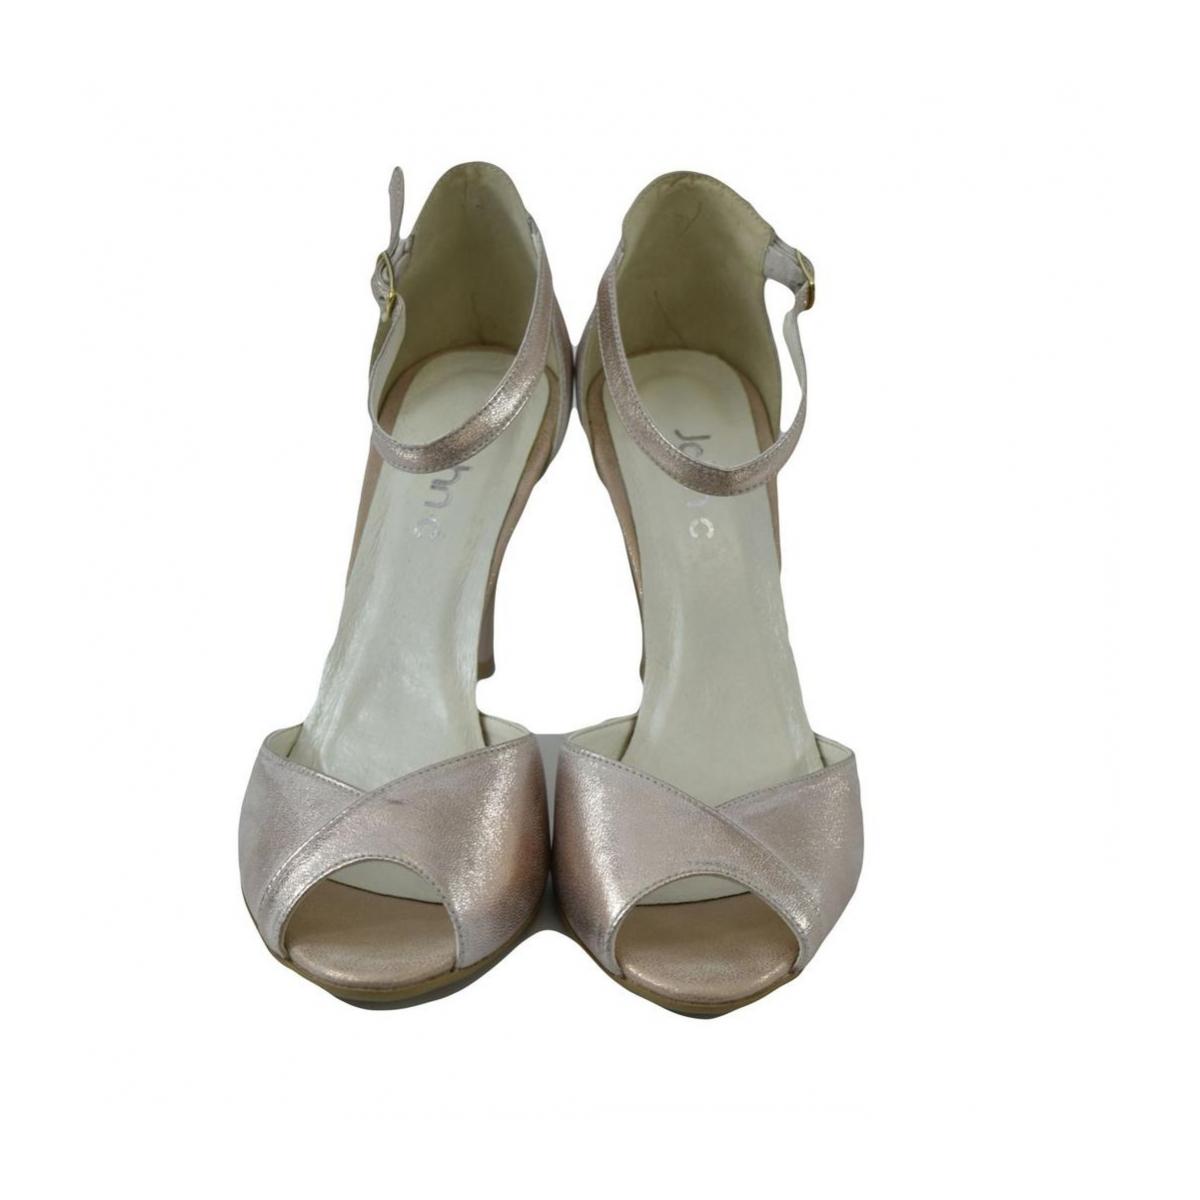 c685f8e76aa3 Dámske kožené ružové sandále MADAS - 7